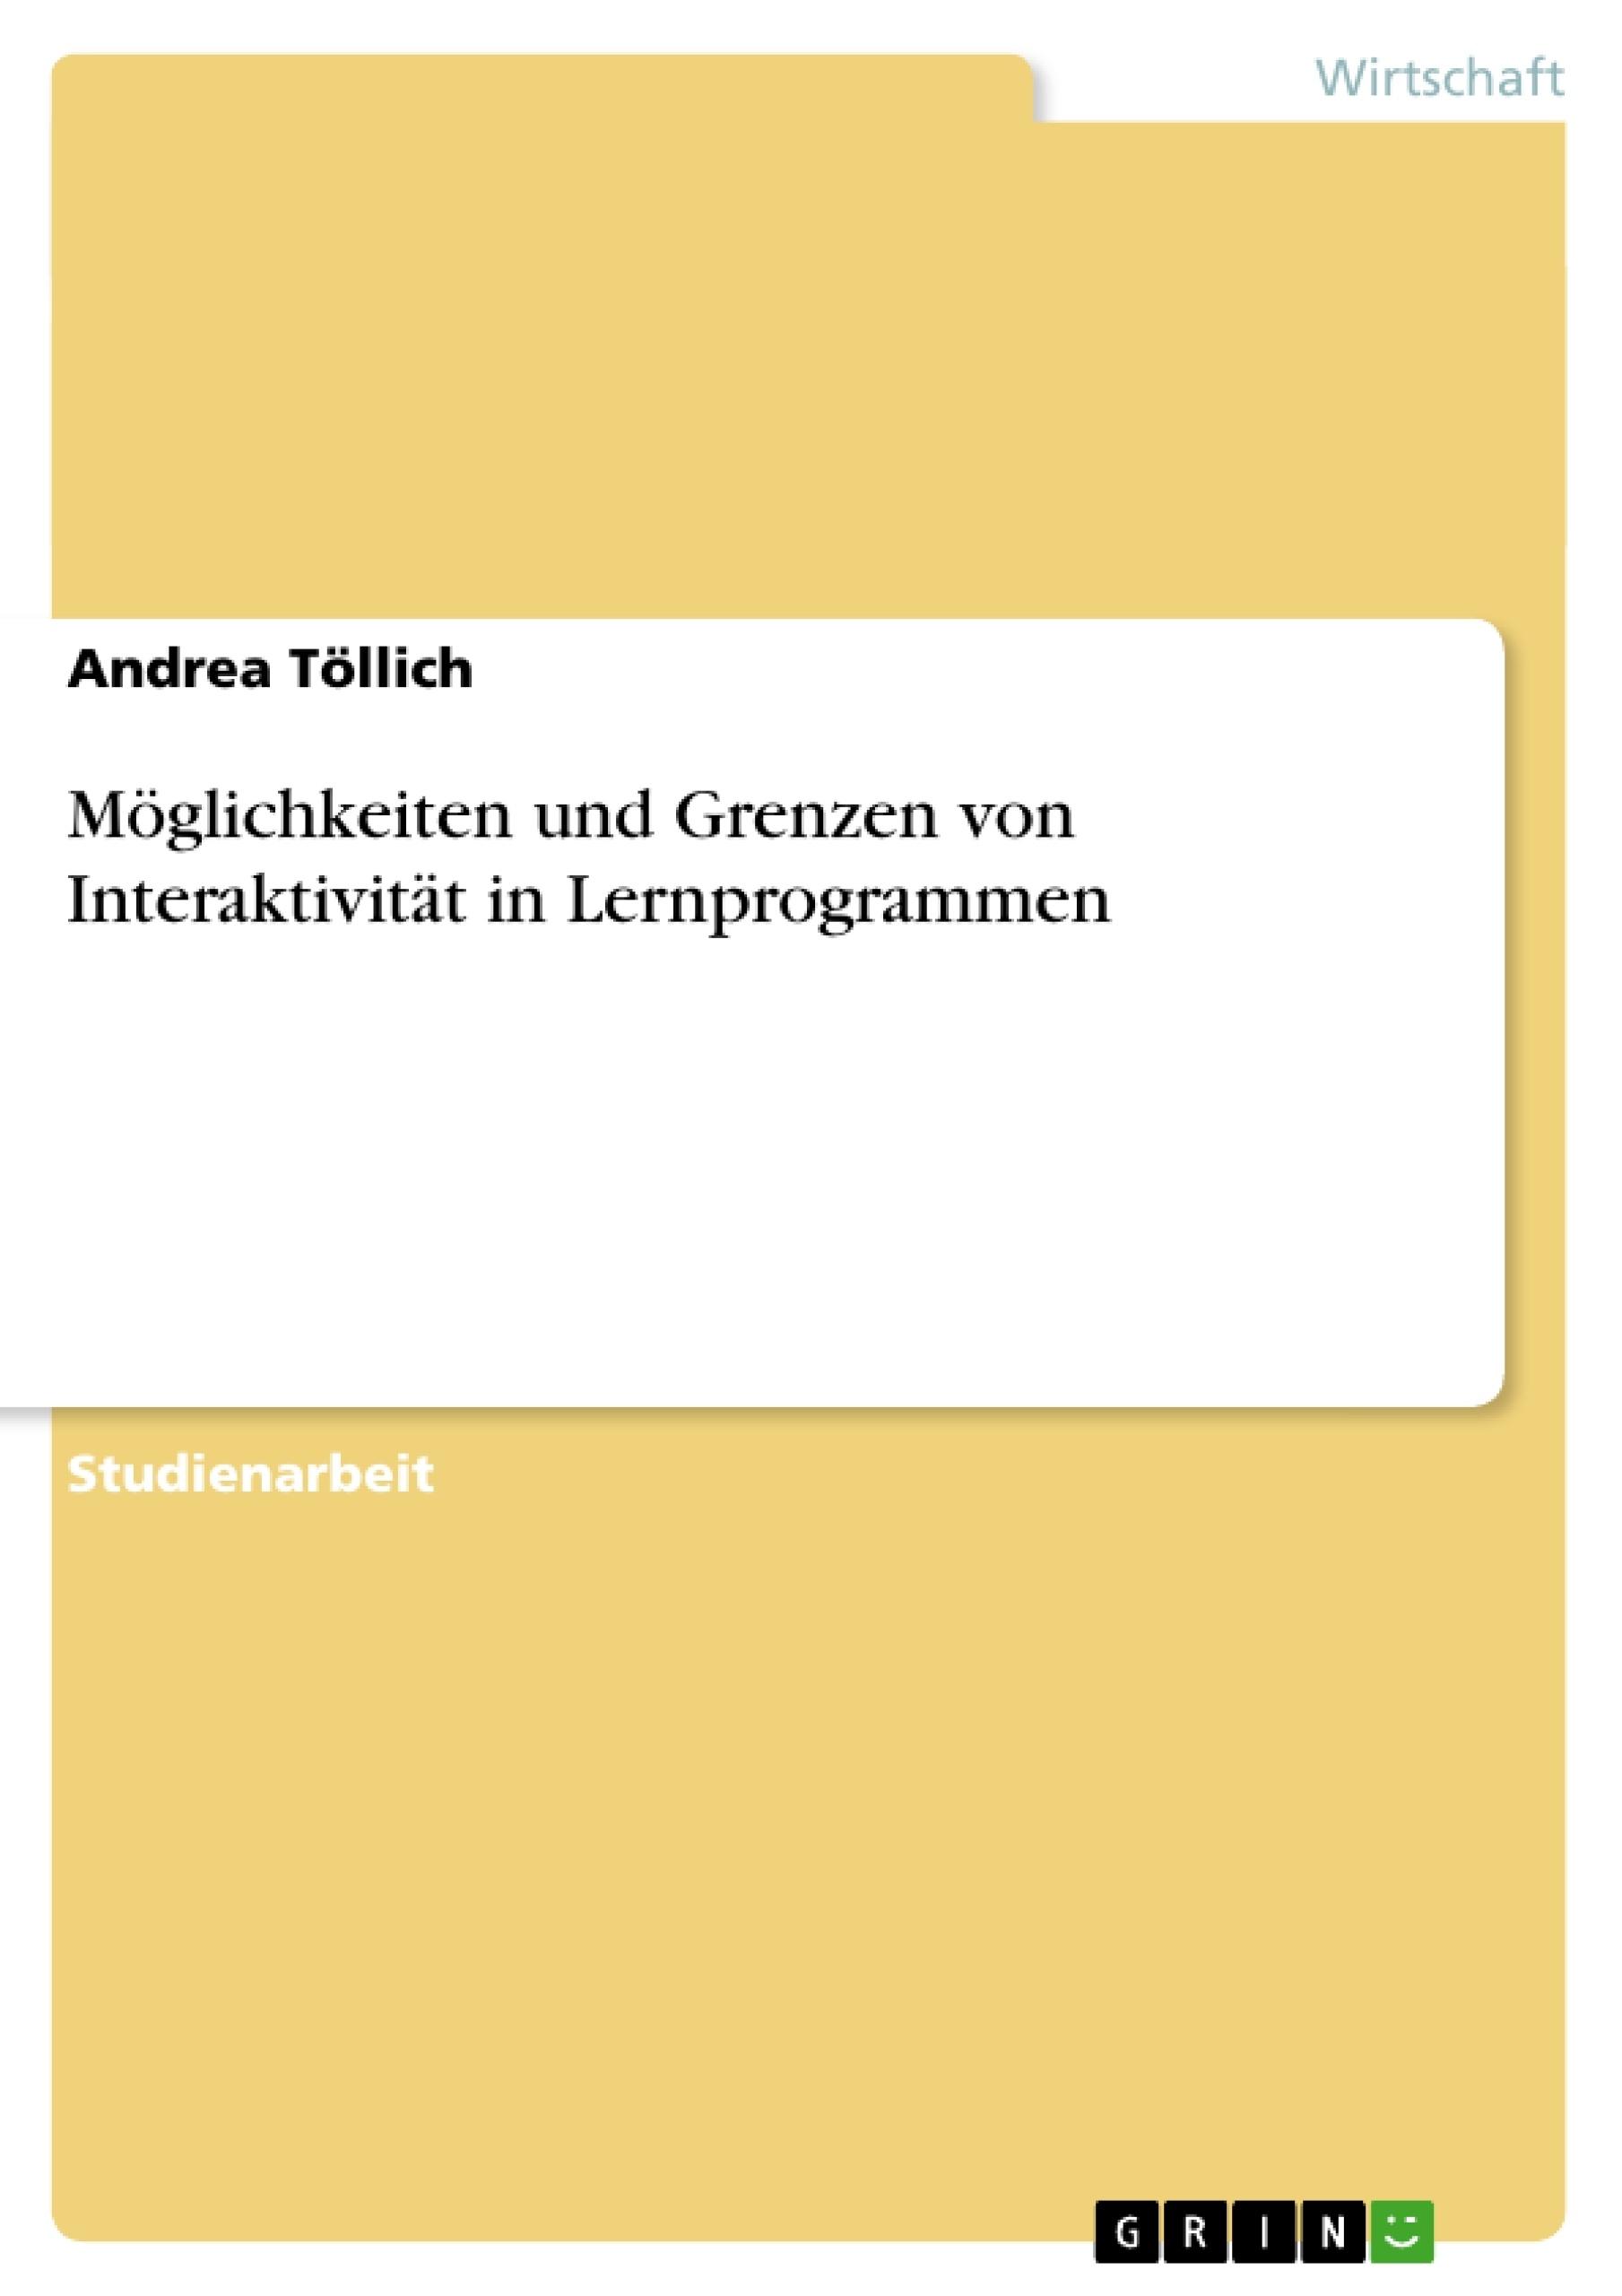 Titel: Möglichkeiten und Grenzen von Interaktivität in Lernprogrammen